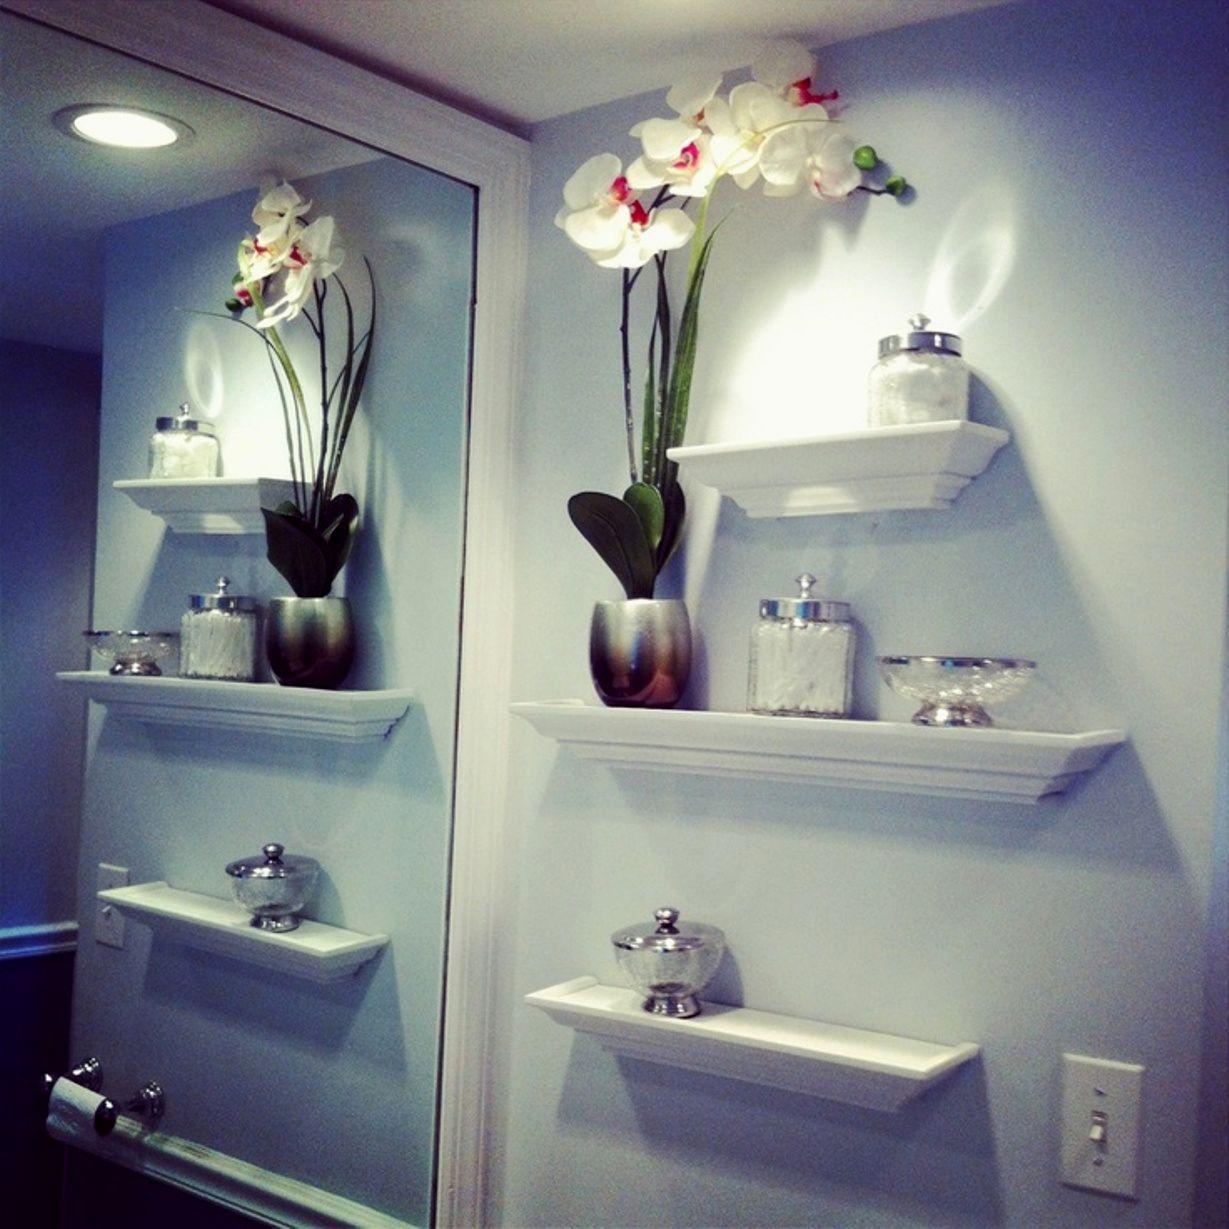 excellent bathroom design ideas décor-Amazing Bathroom Design Ideas Model